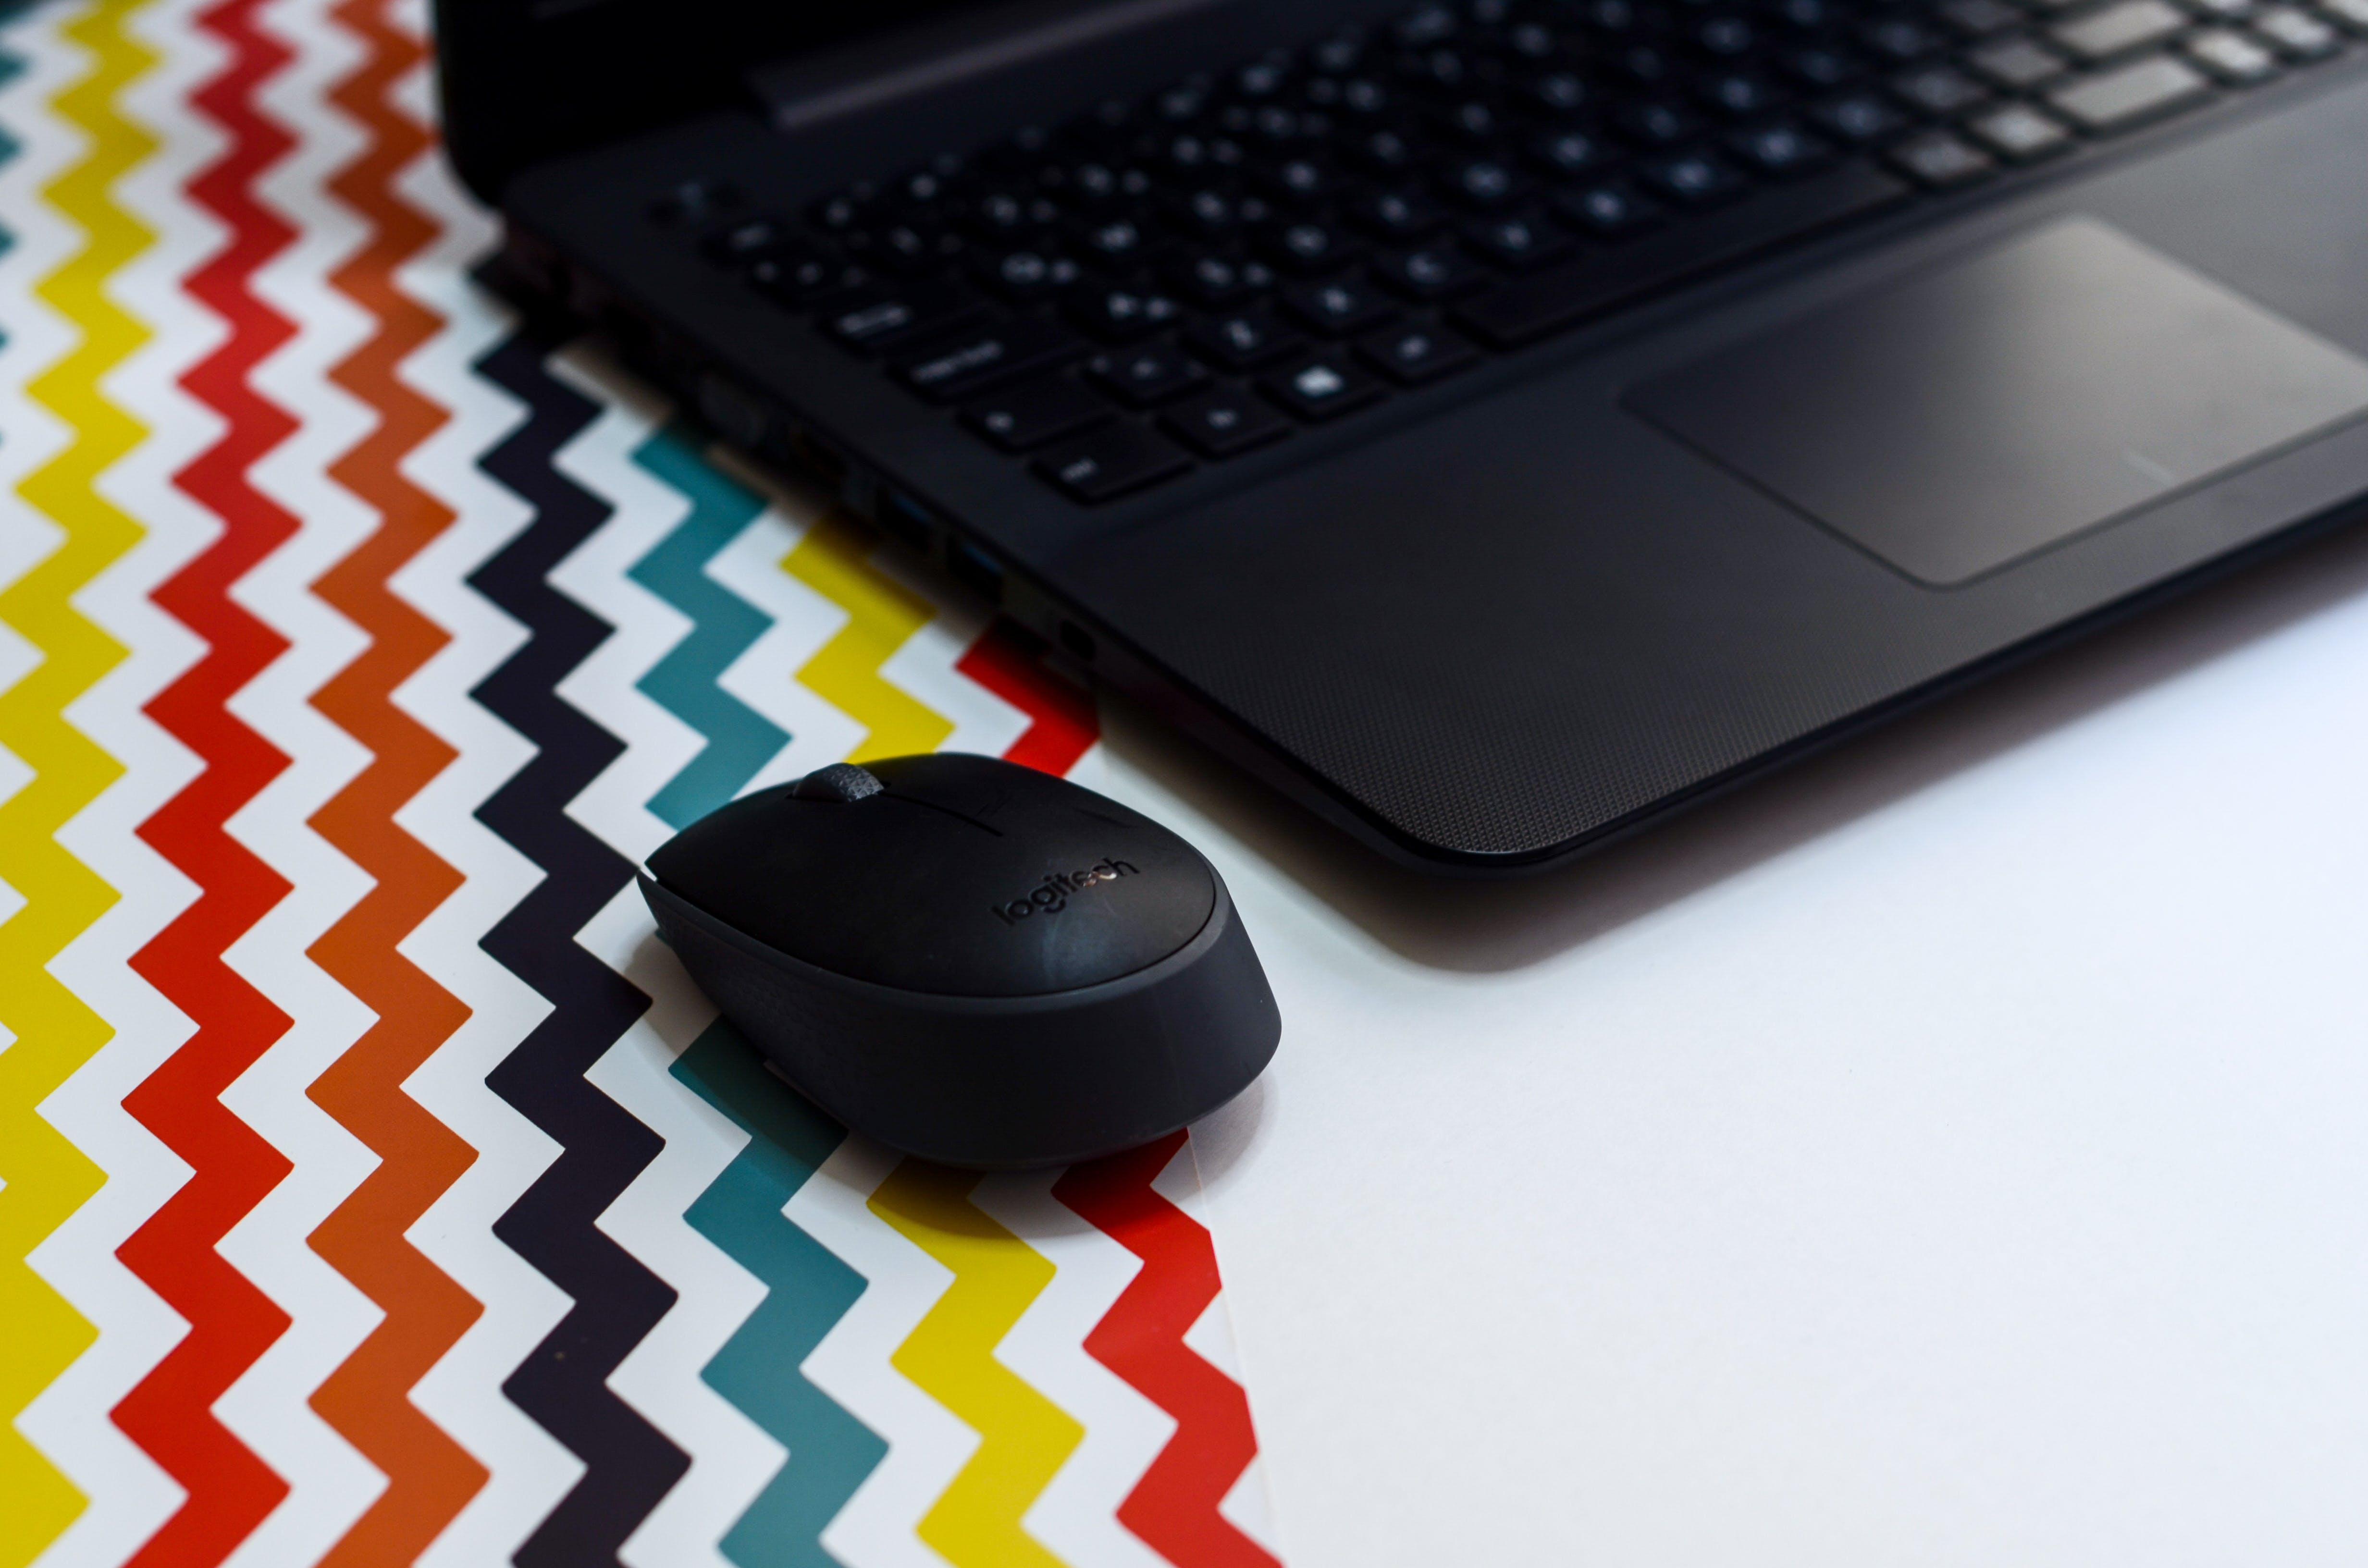 Immagine gratuita di computer, cordless, laptop, mouse